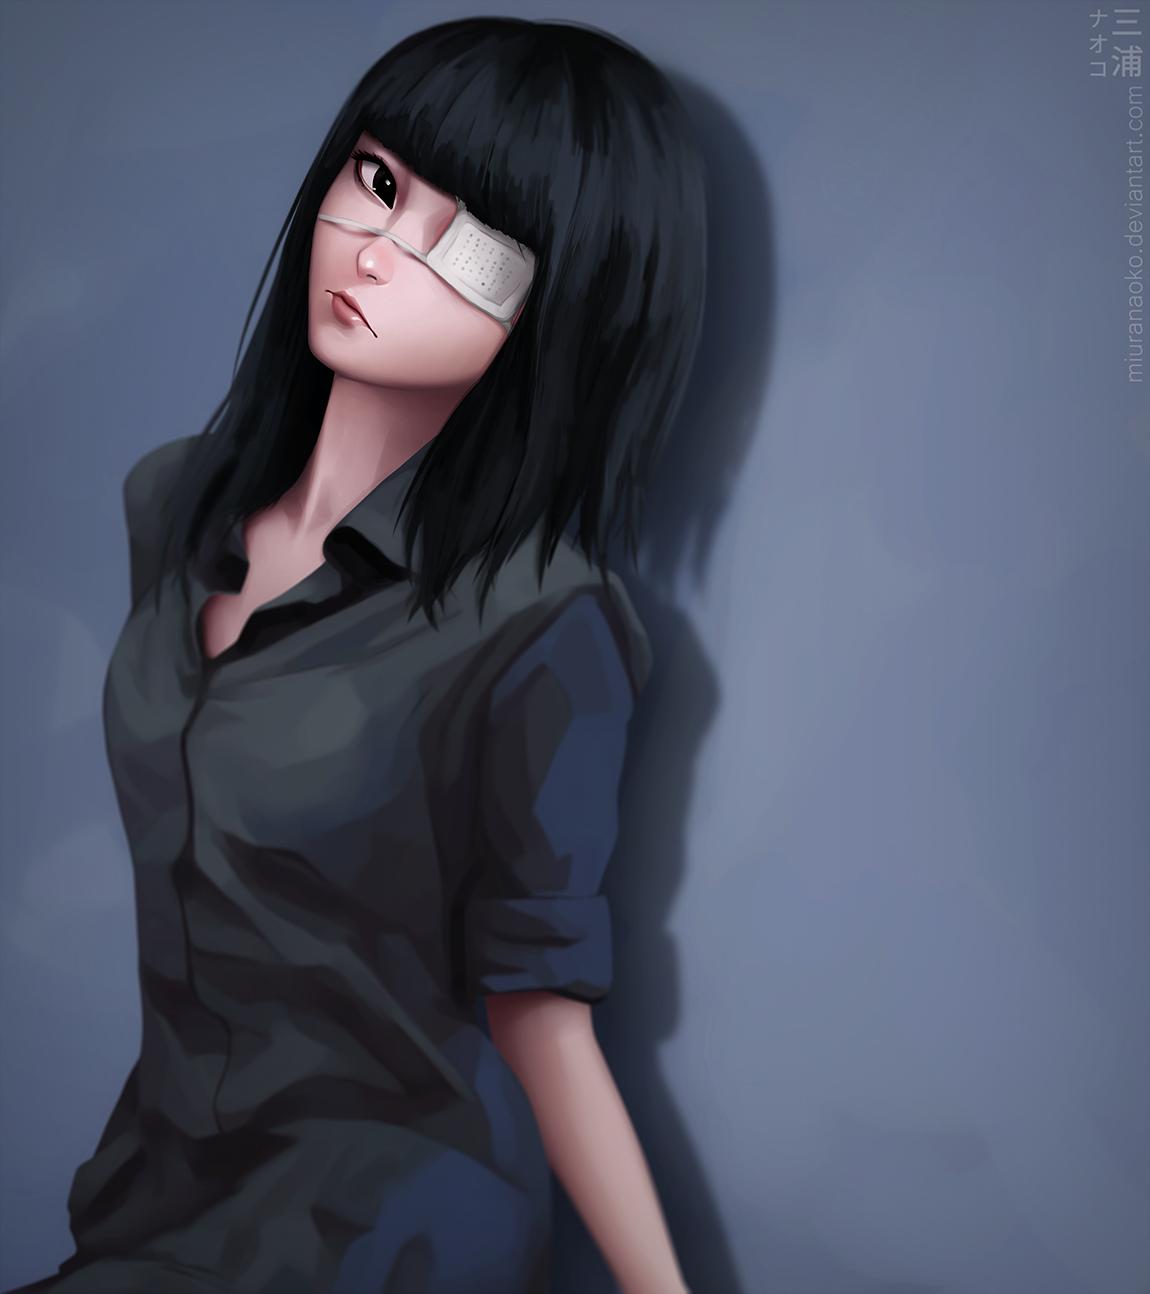 Wallpaper : model, long hair, anime girls, short hair, black hair